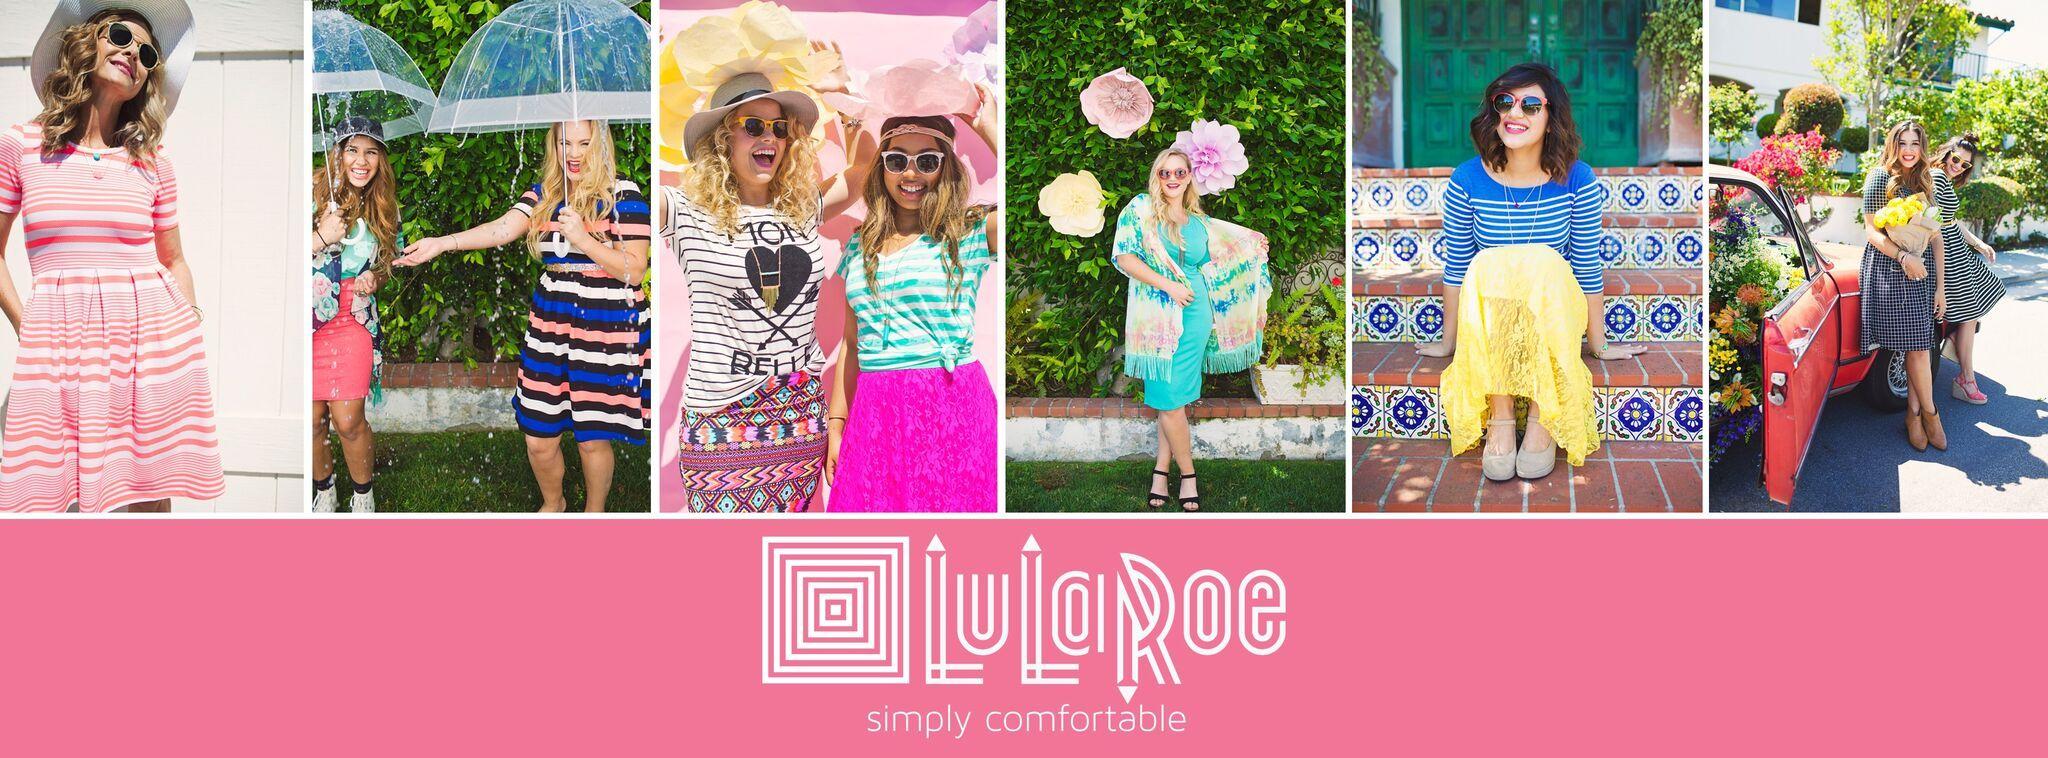 Dropbox  Facebook Cover Photos  LuLaRoe  Fashion Lularoe cover photo Lularoe dresses